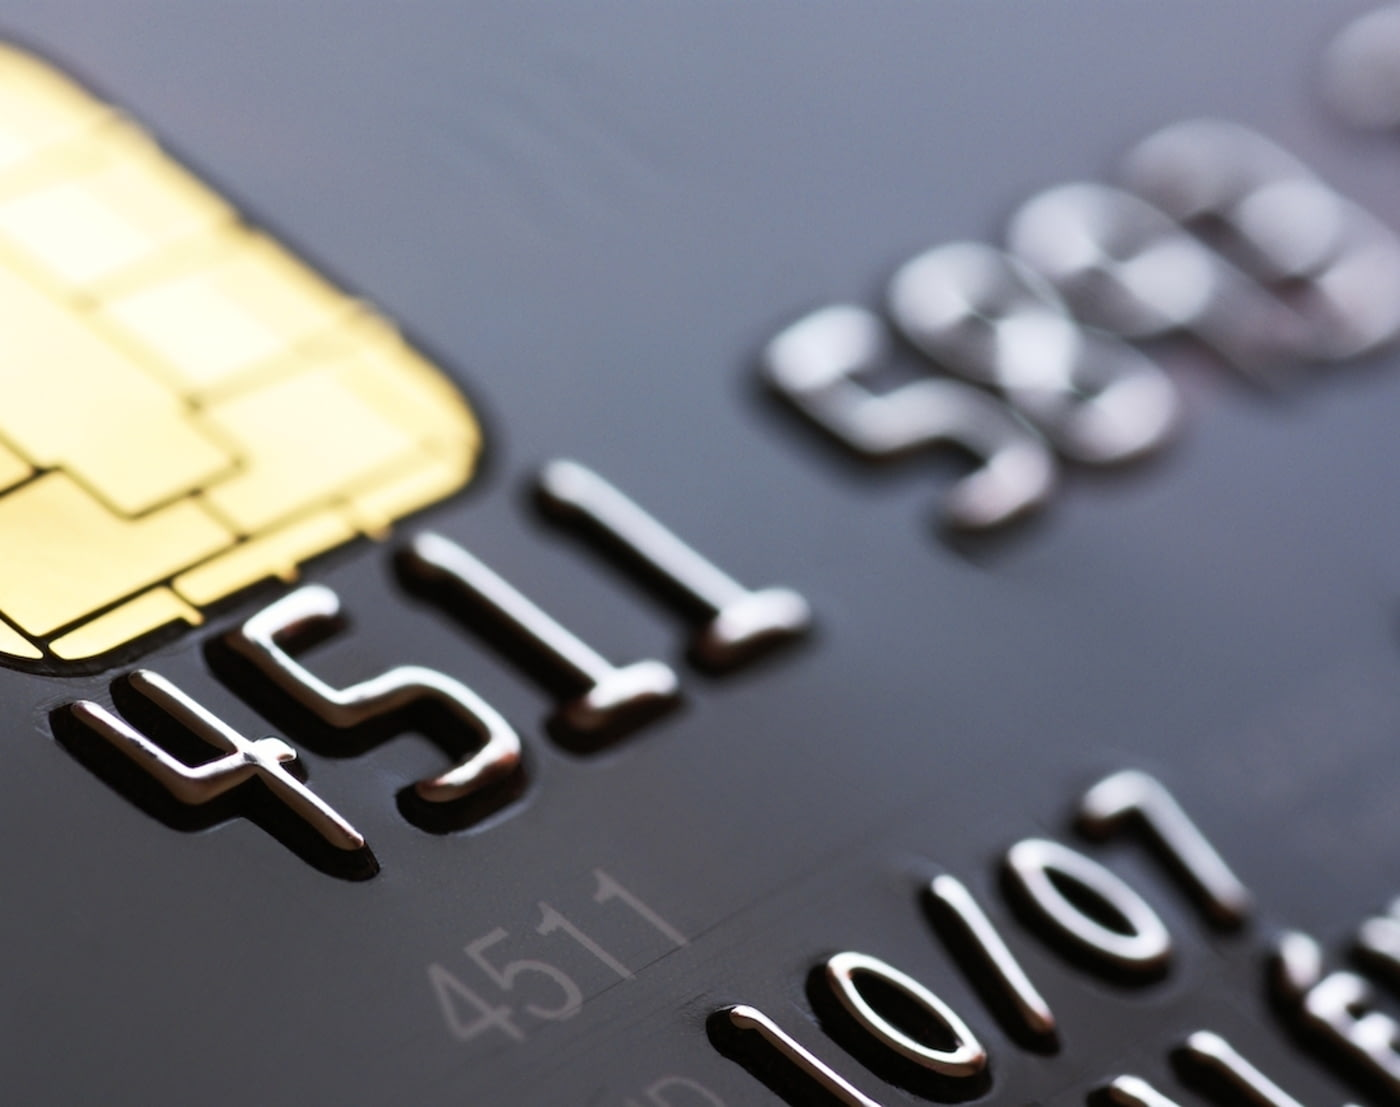 Wo Steht Meine Kartennummer.Die Kreditkartennummer Wo Sie Steht Was Sie Bedeutet